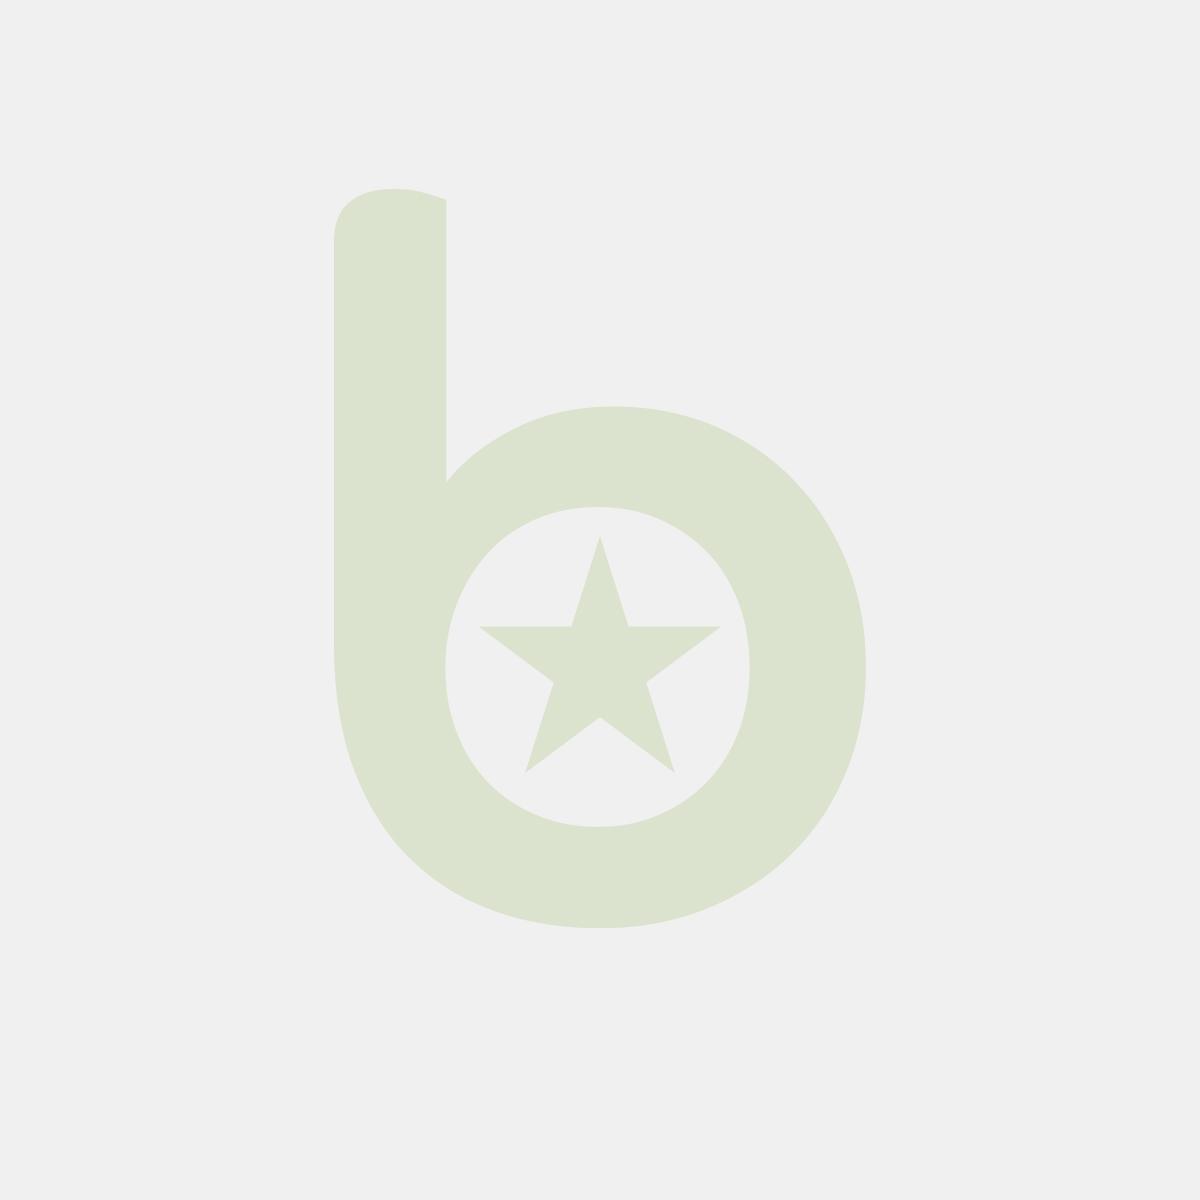 Pióro kulkowe SCHNEIDER Xtra 805, 0,5 mm, zielony